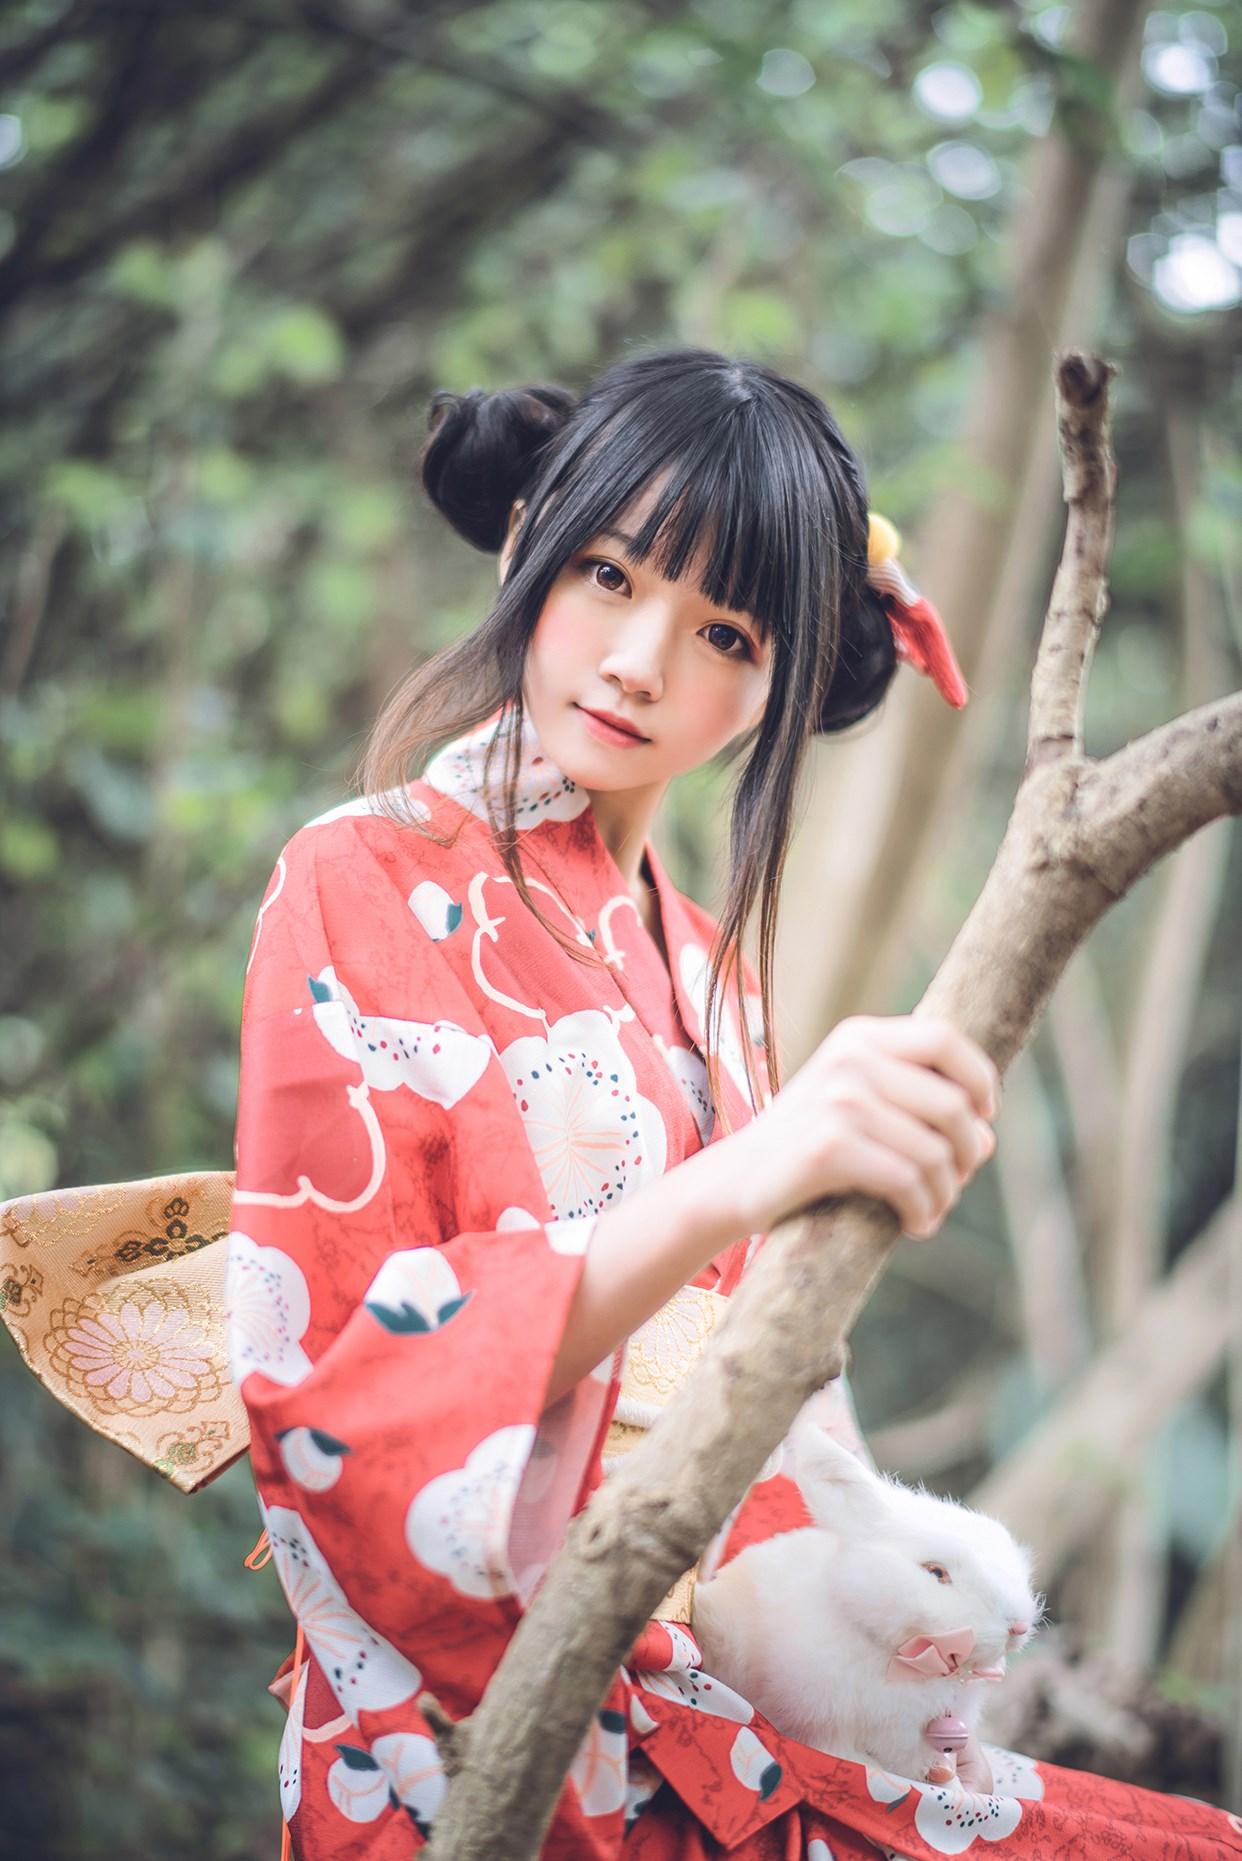 【兔玩映画】夏日祭 兔玩映画 第2张